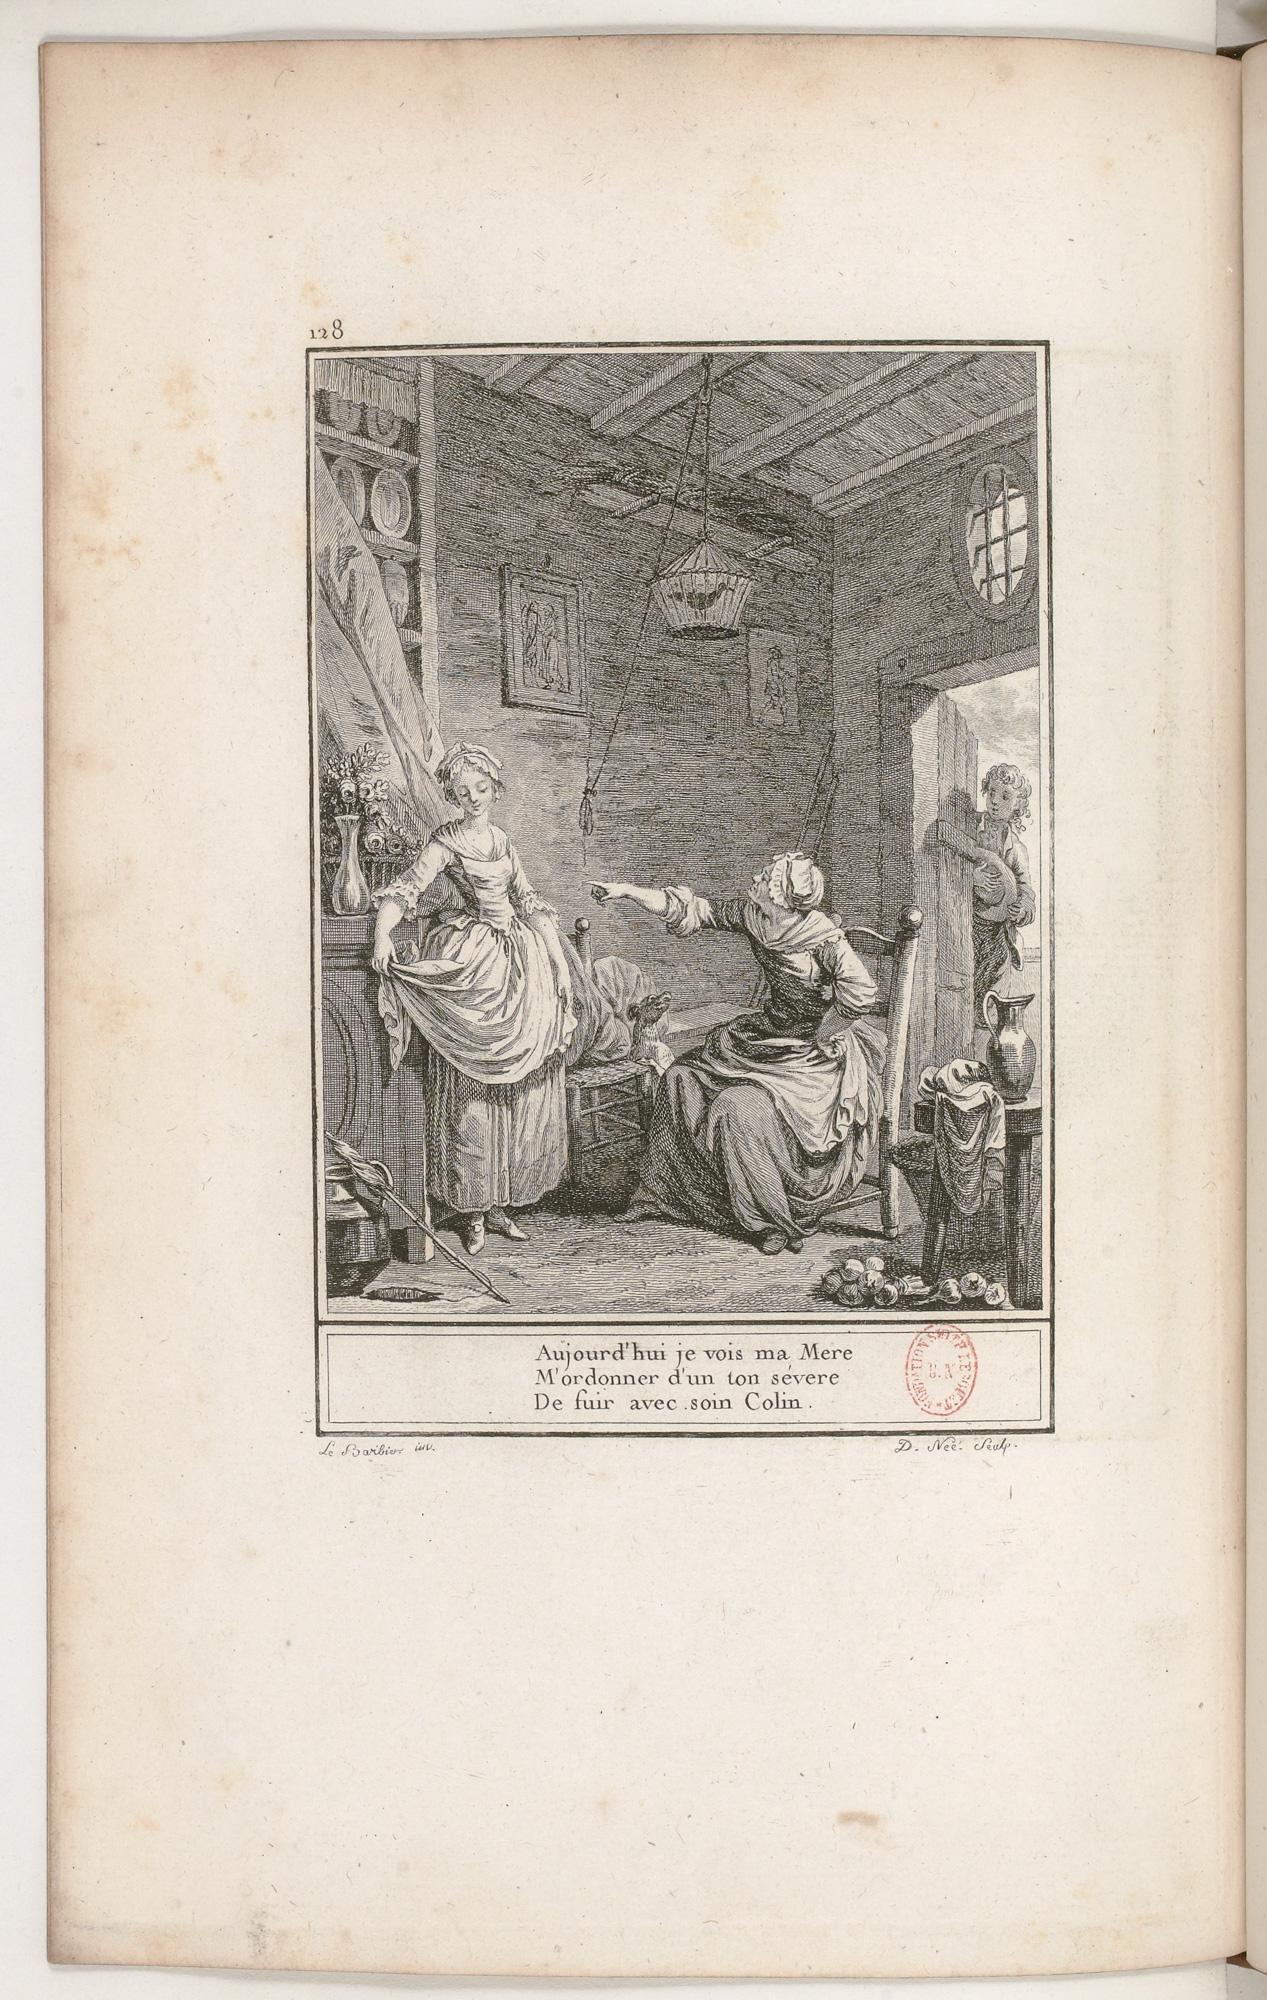 S.3.22 La deffense inutile,1772, Image